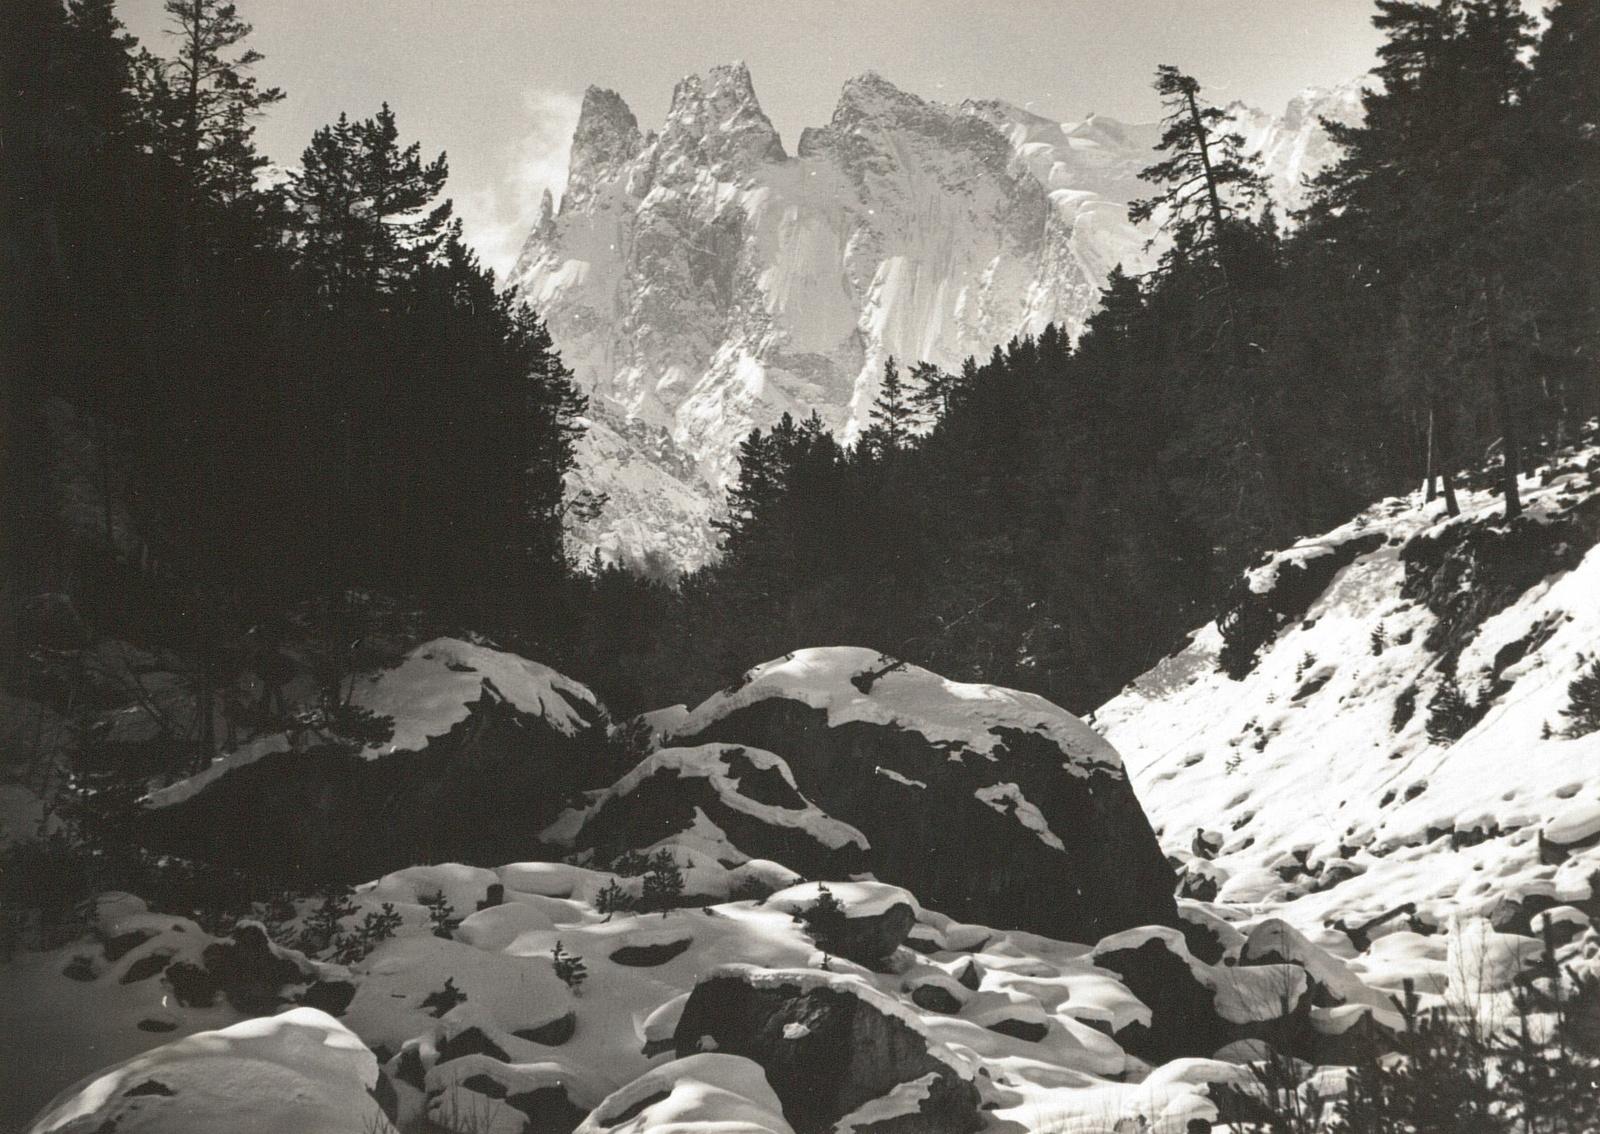 Центральный Кавказ. Долина Шельды